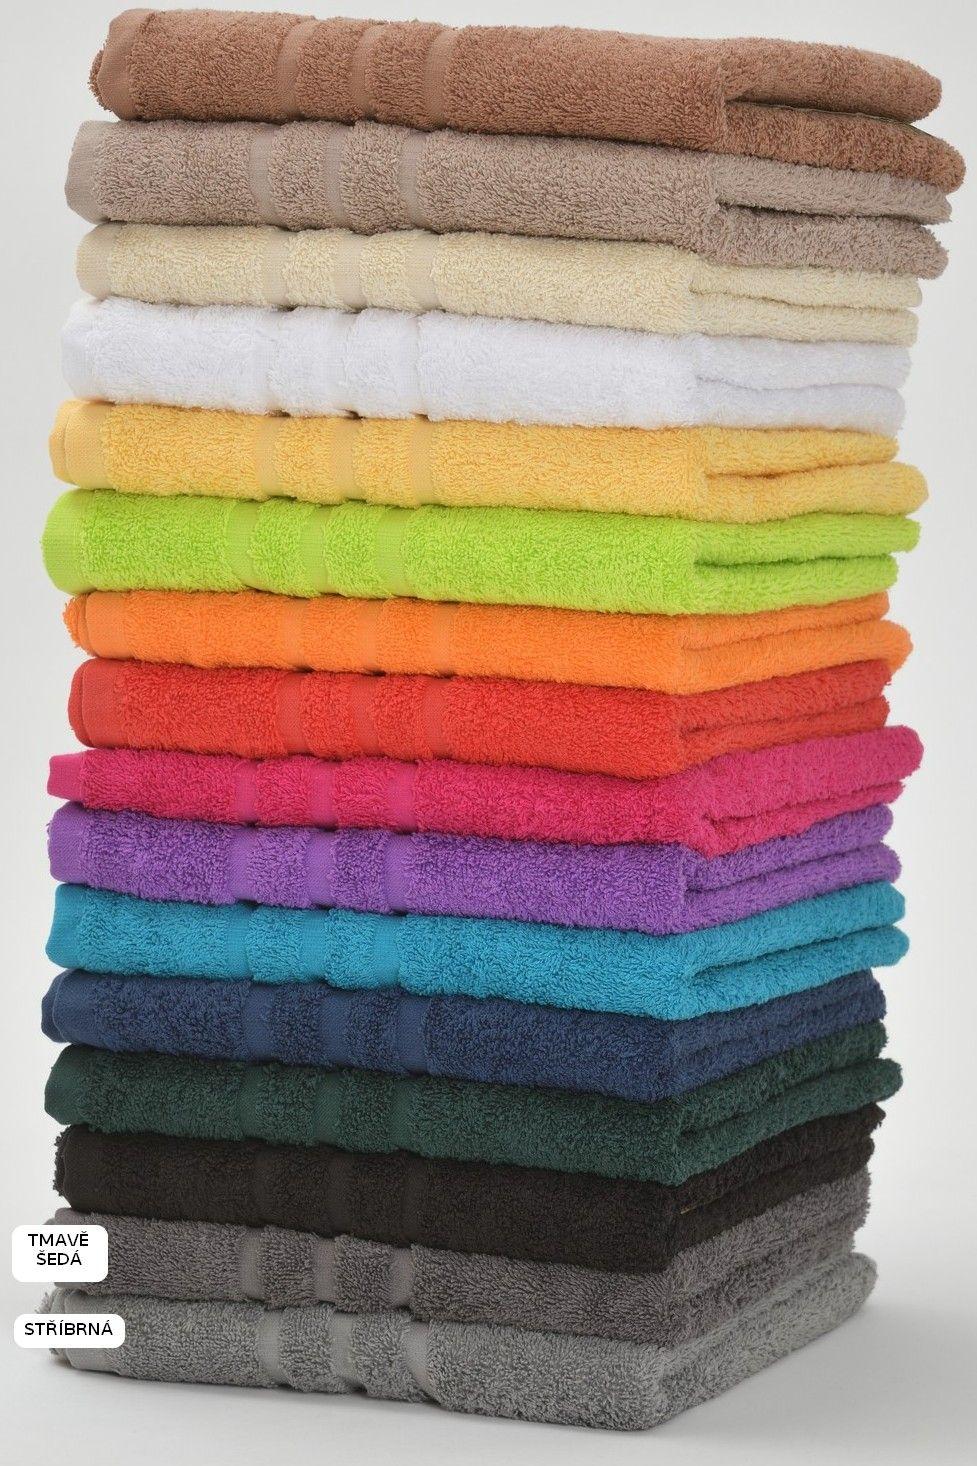 Velmi kvalitní ručník a osuška Sofie 400g/m2 - Profod